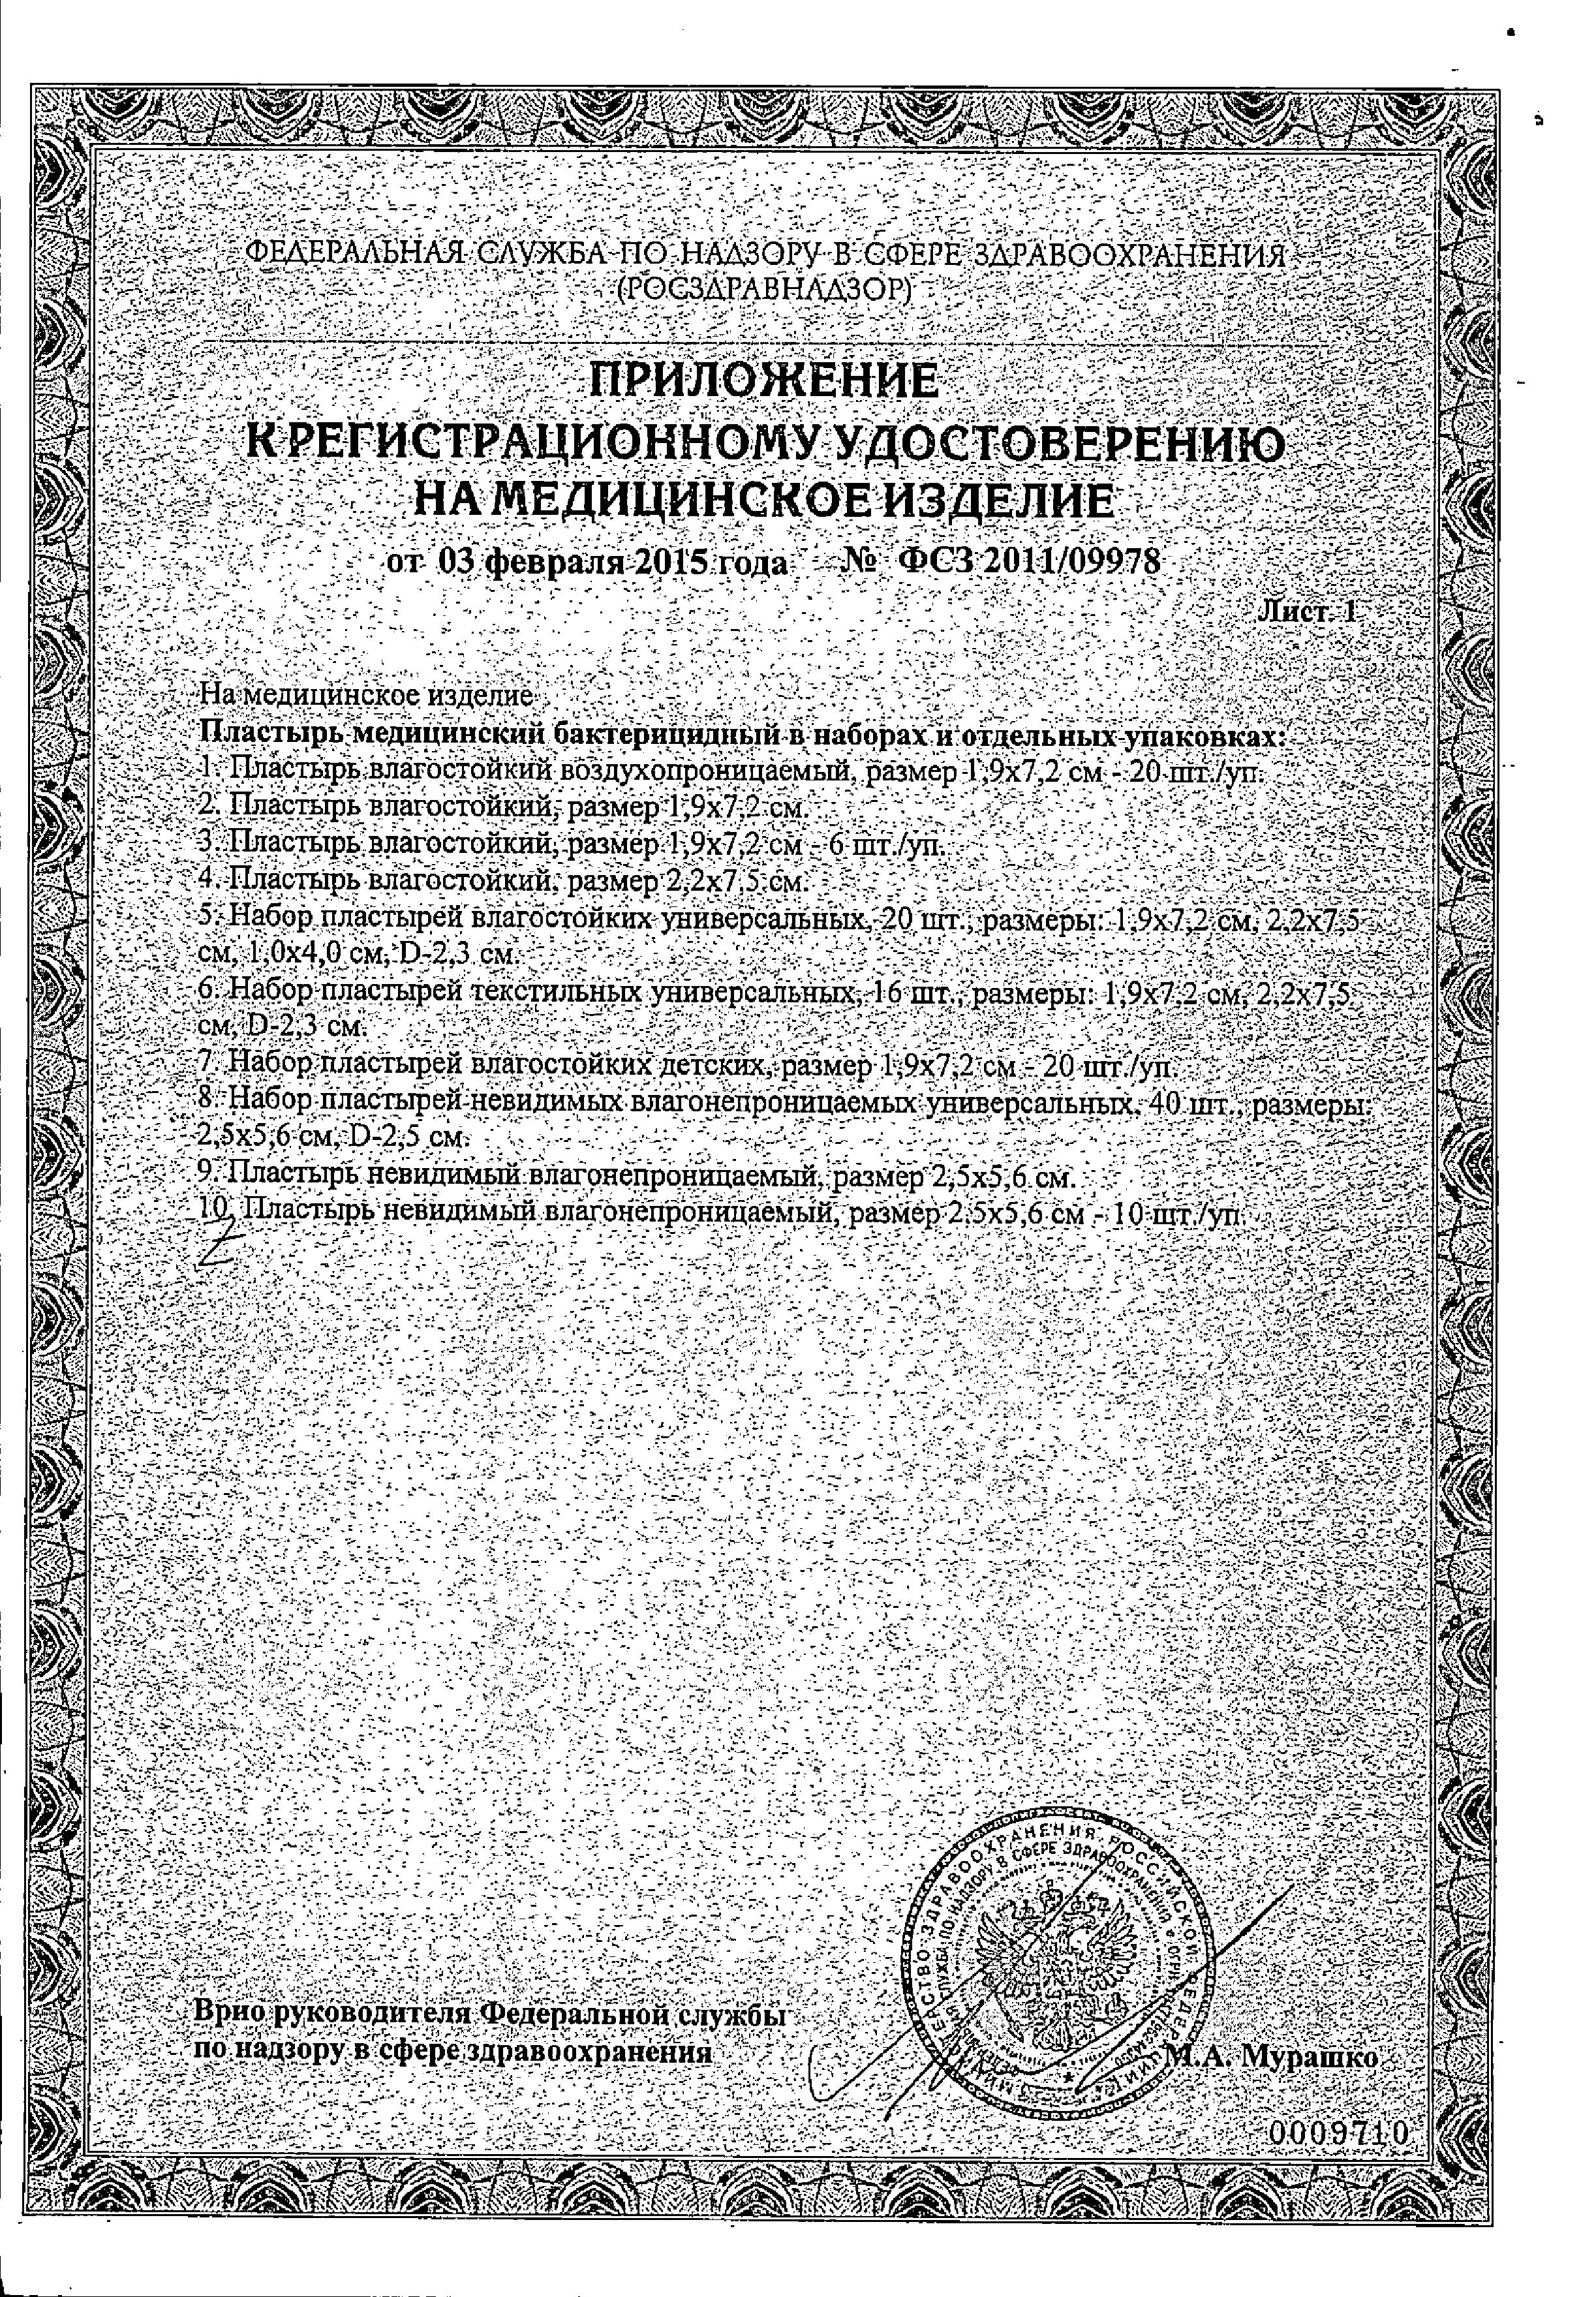 Клинса пластырь текстильный универсальный сертификат